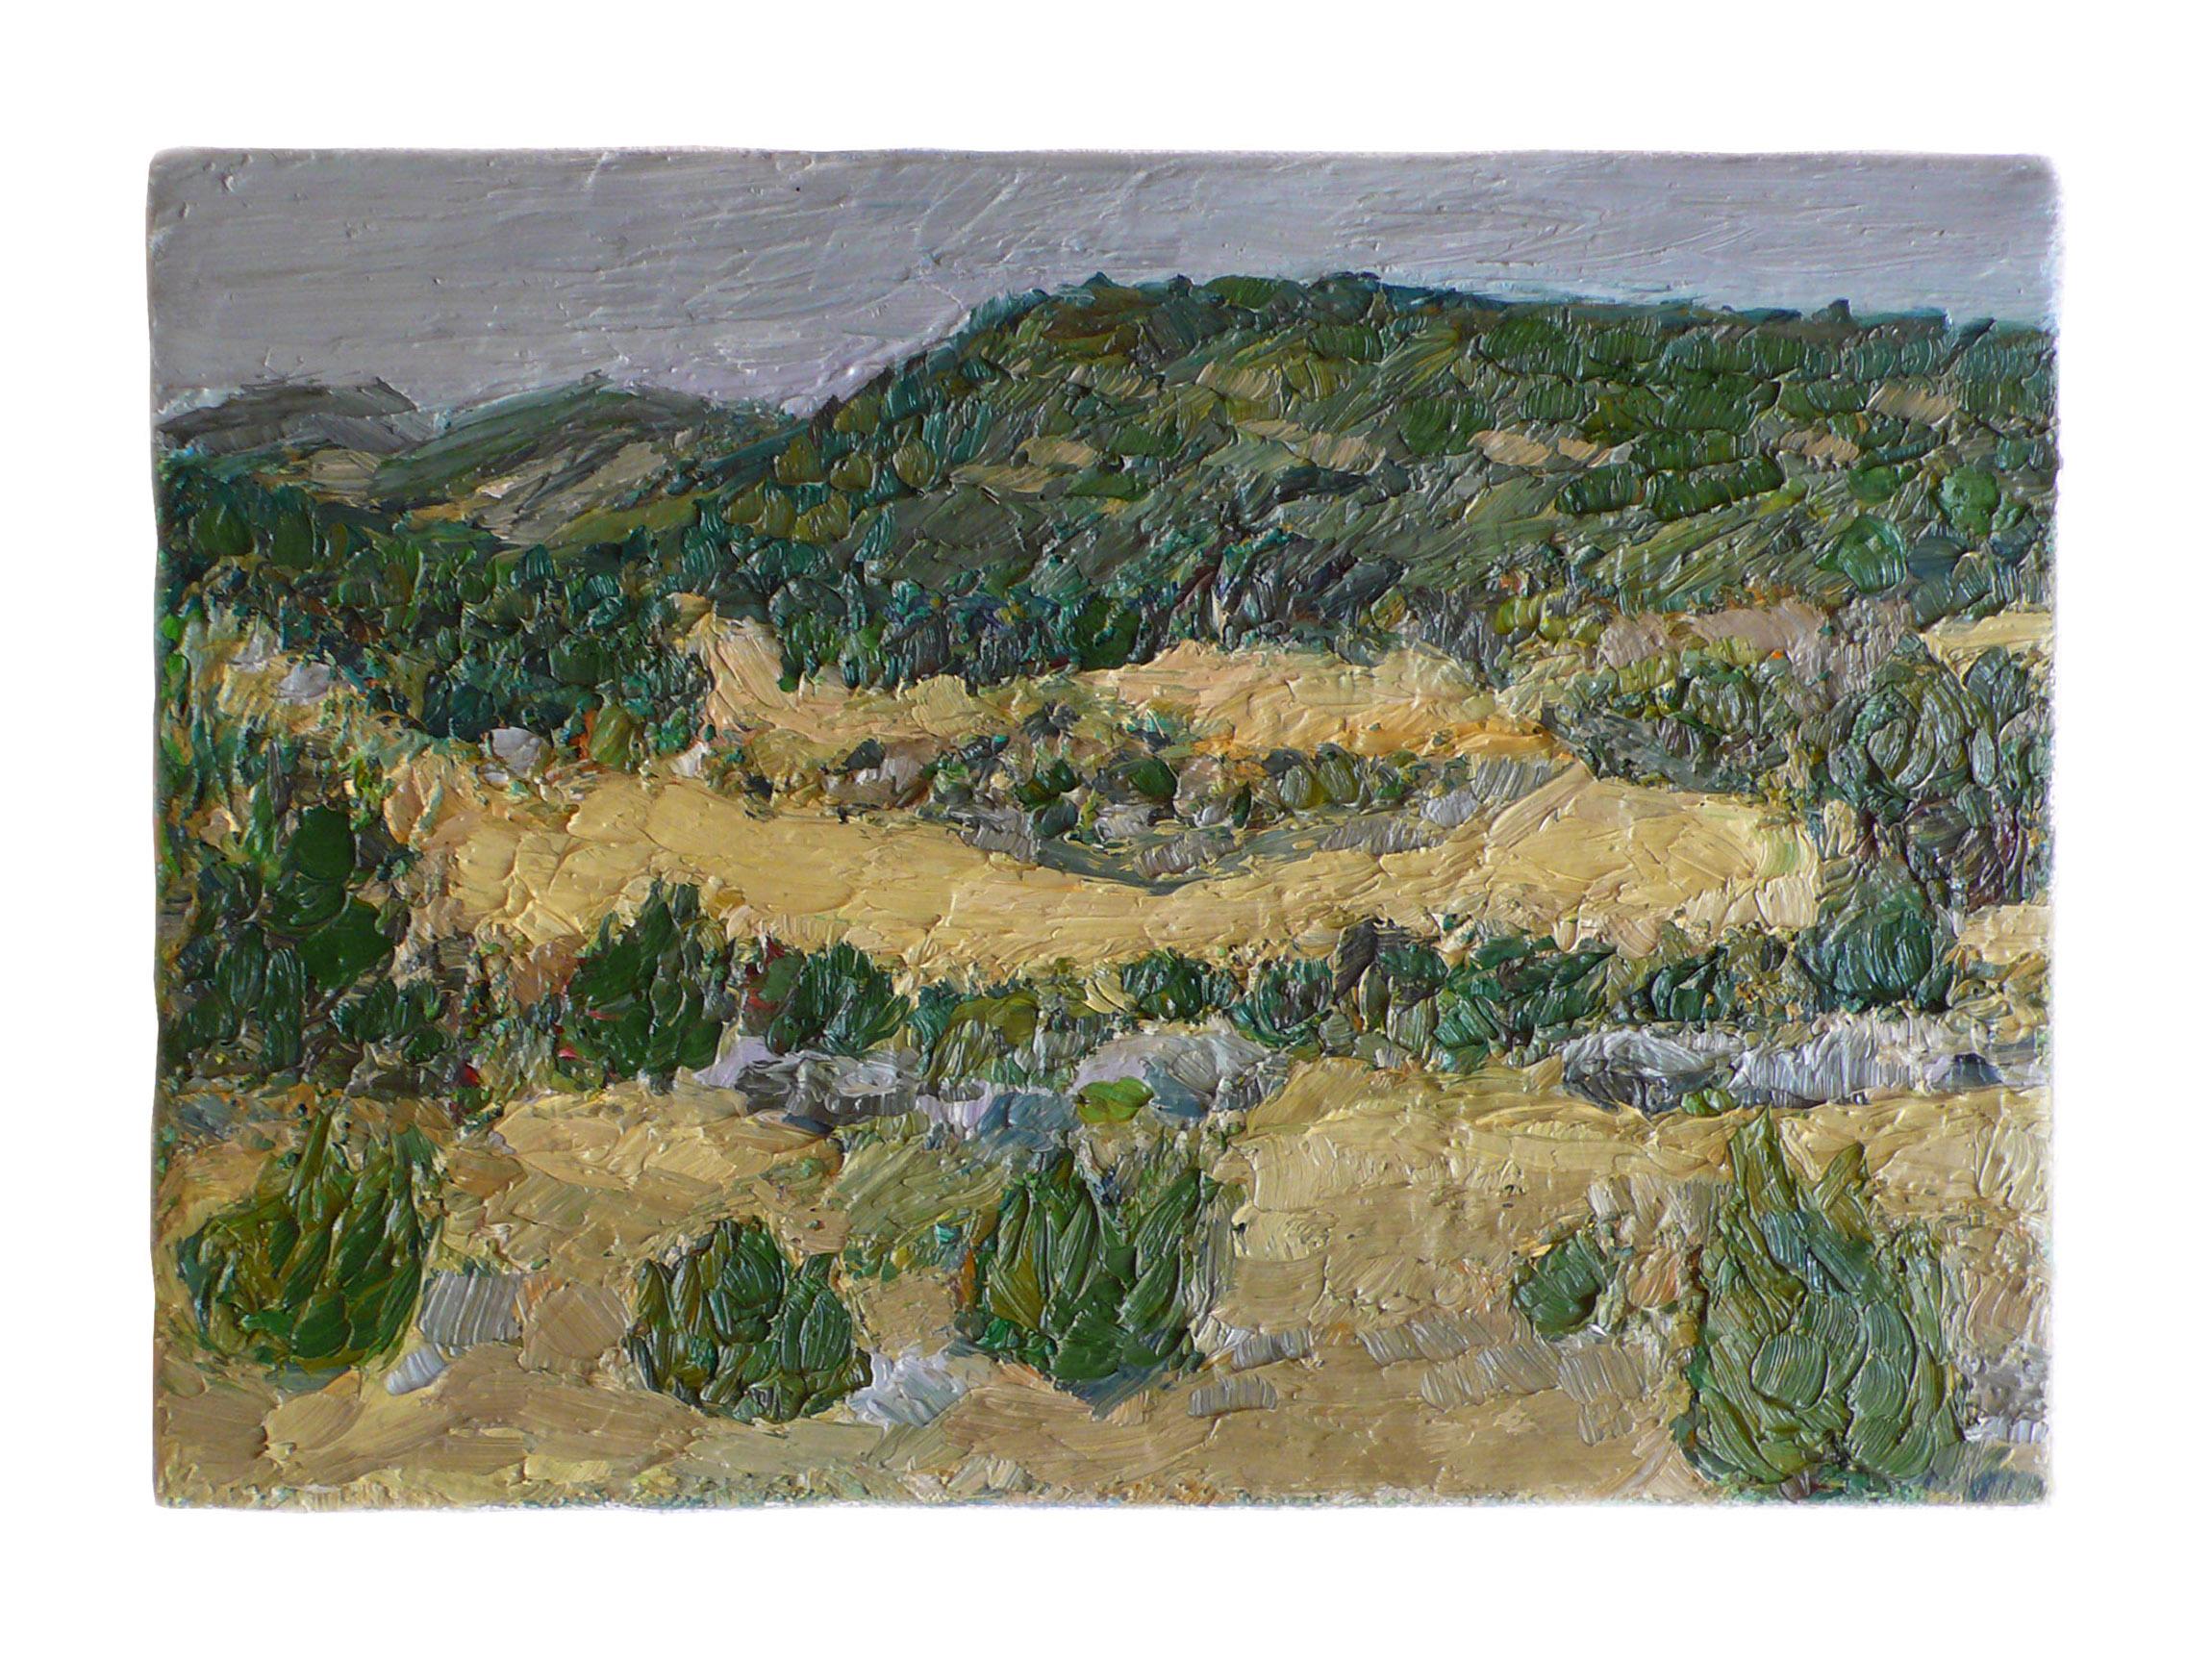 2005 fields 19x27cm